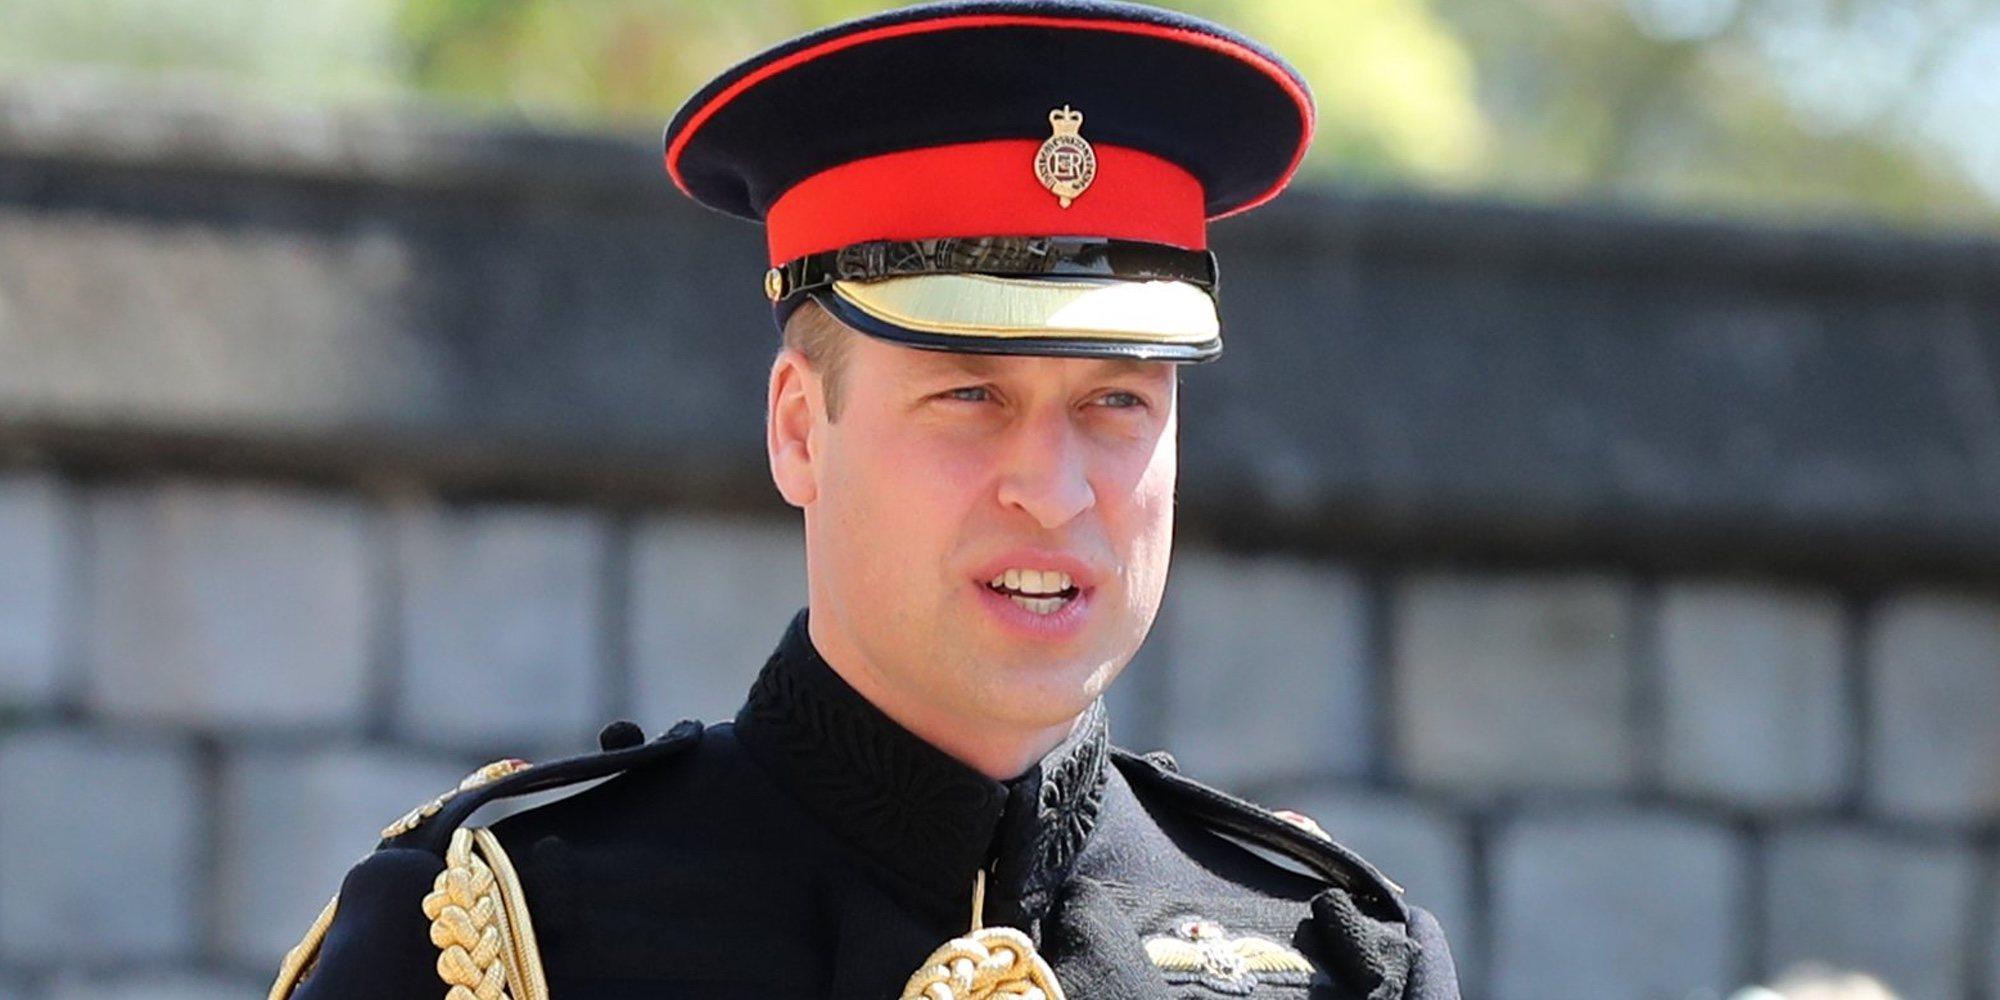 El Príncipe Guillermo, agente secreto al servicio de la Reina Isabel